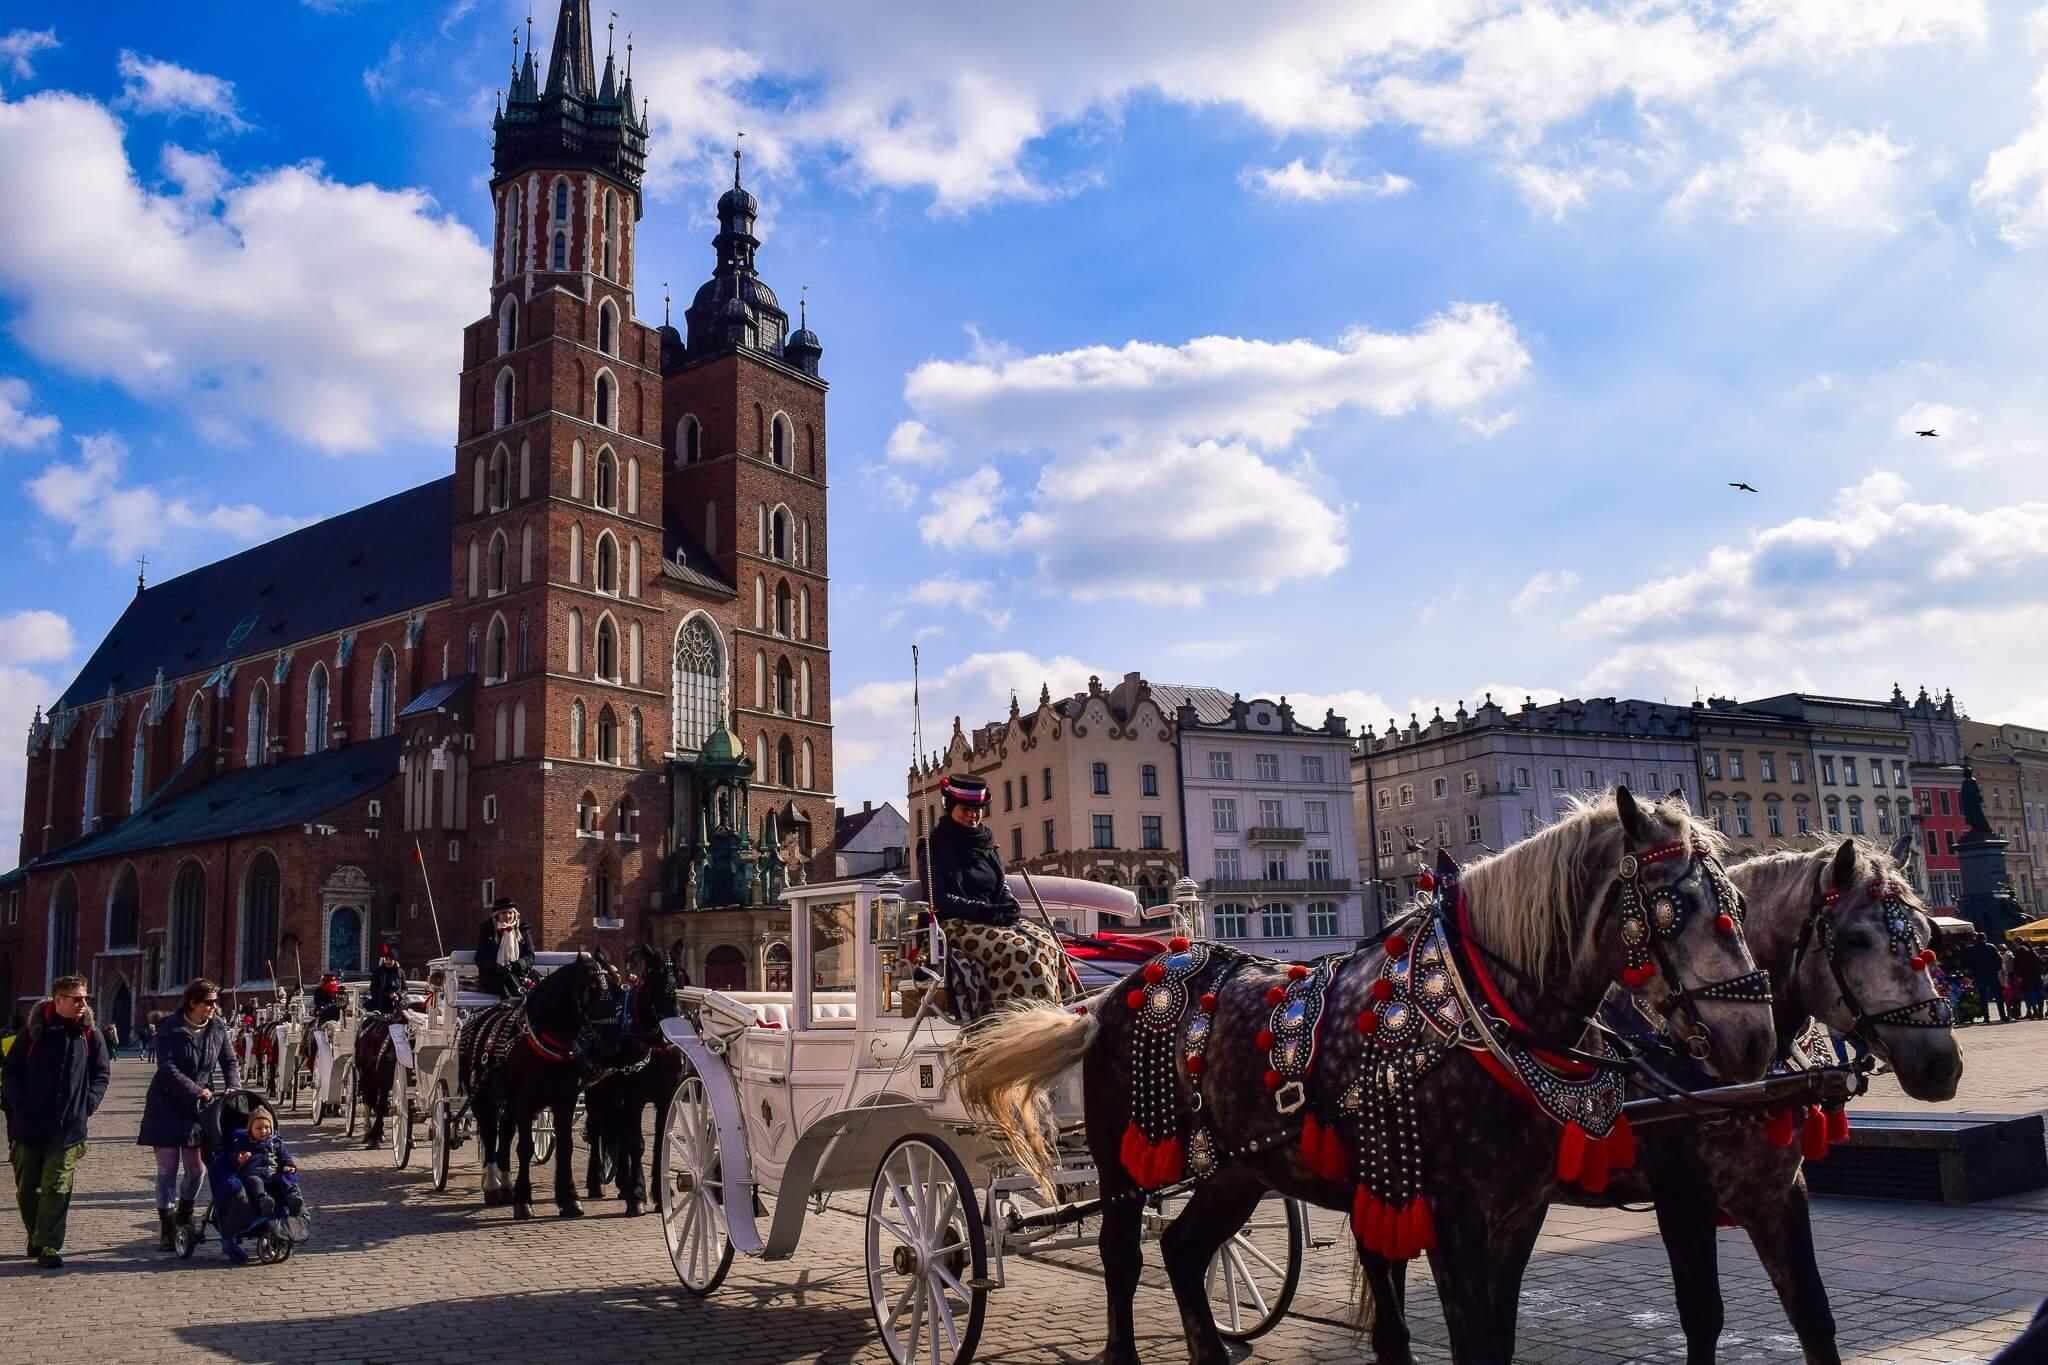 Krakow - the cultural hub of Poland